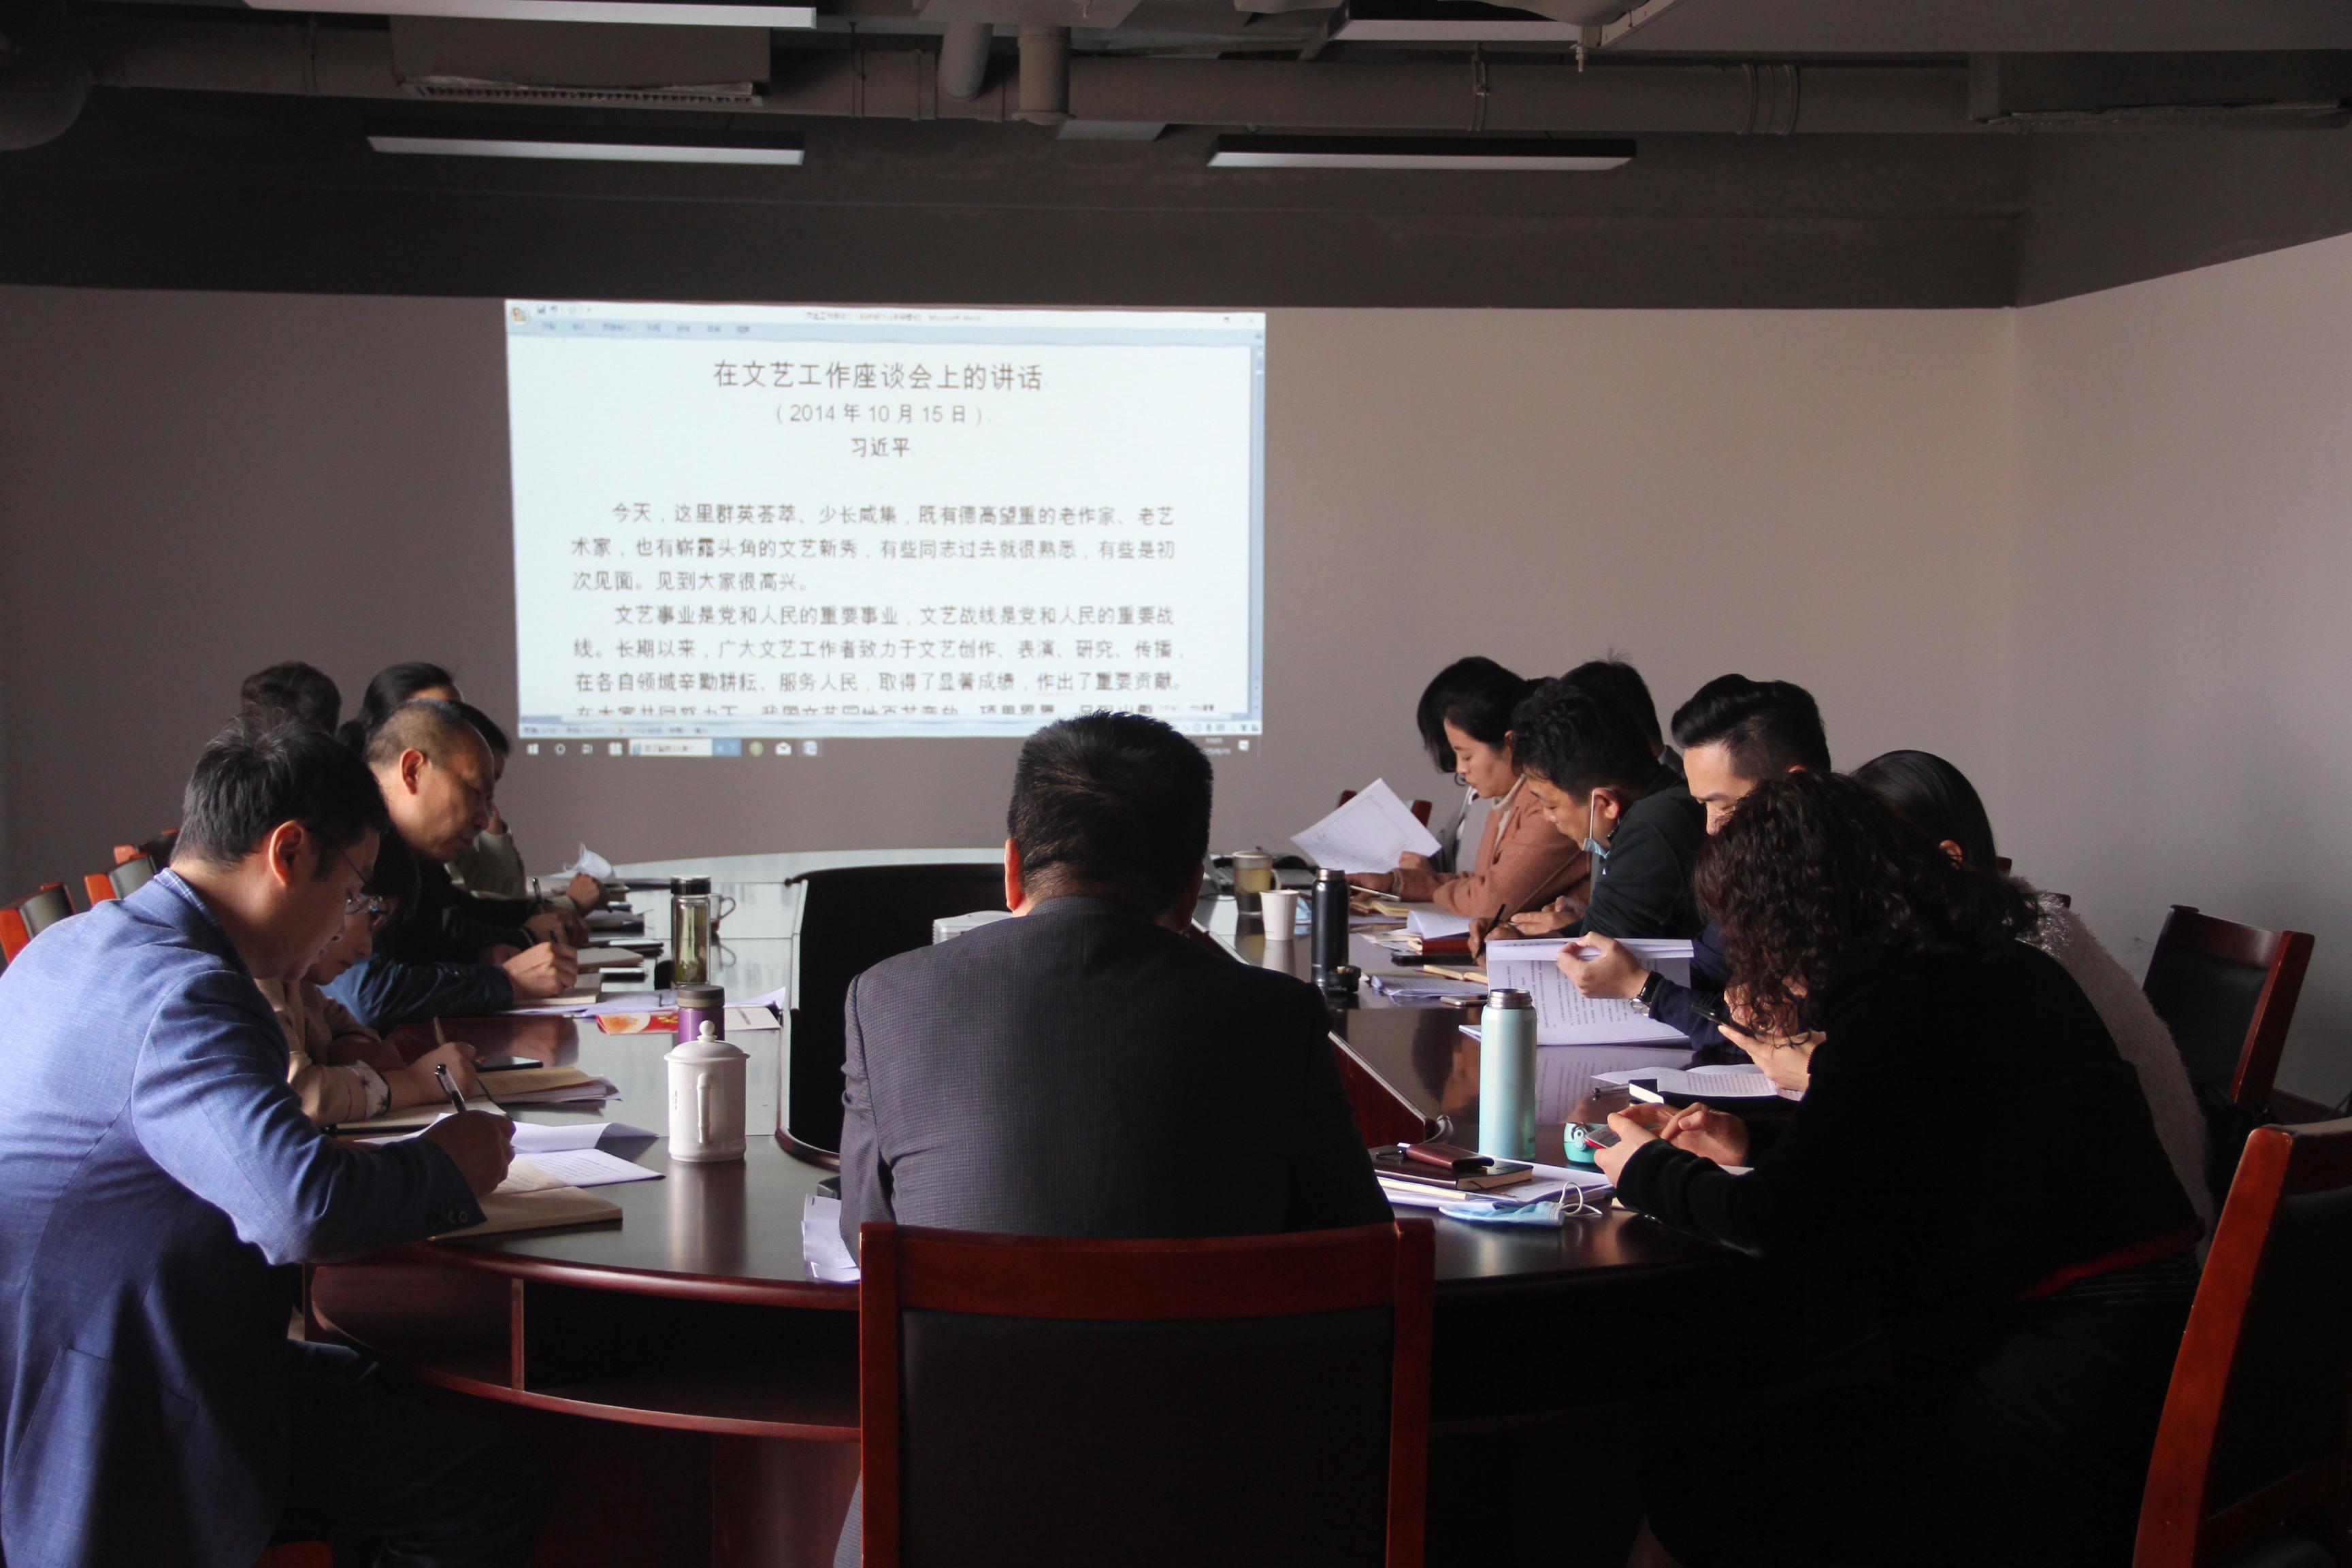 市演艺集团重新学习习近平总书记在文艺工作座谈会上的讲话精神